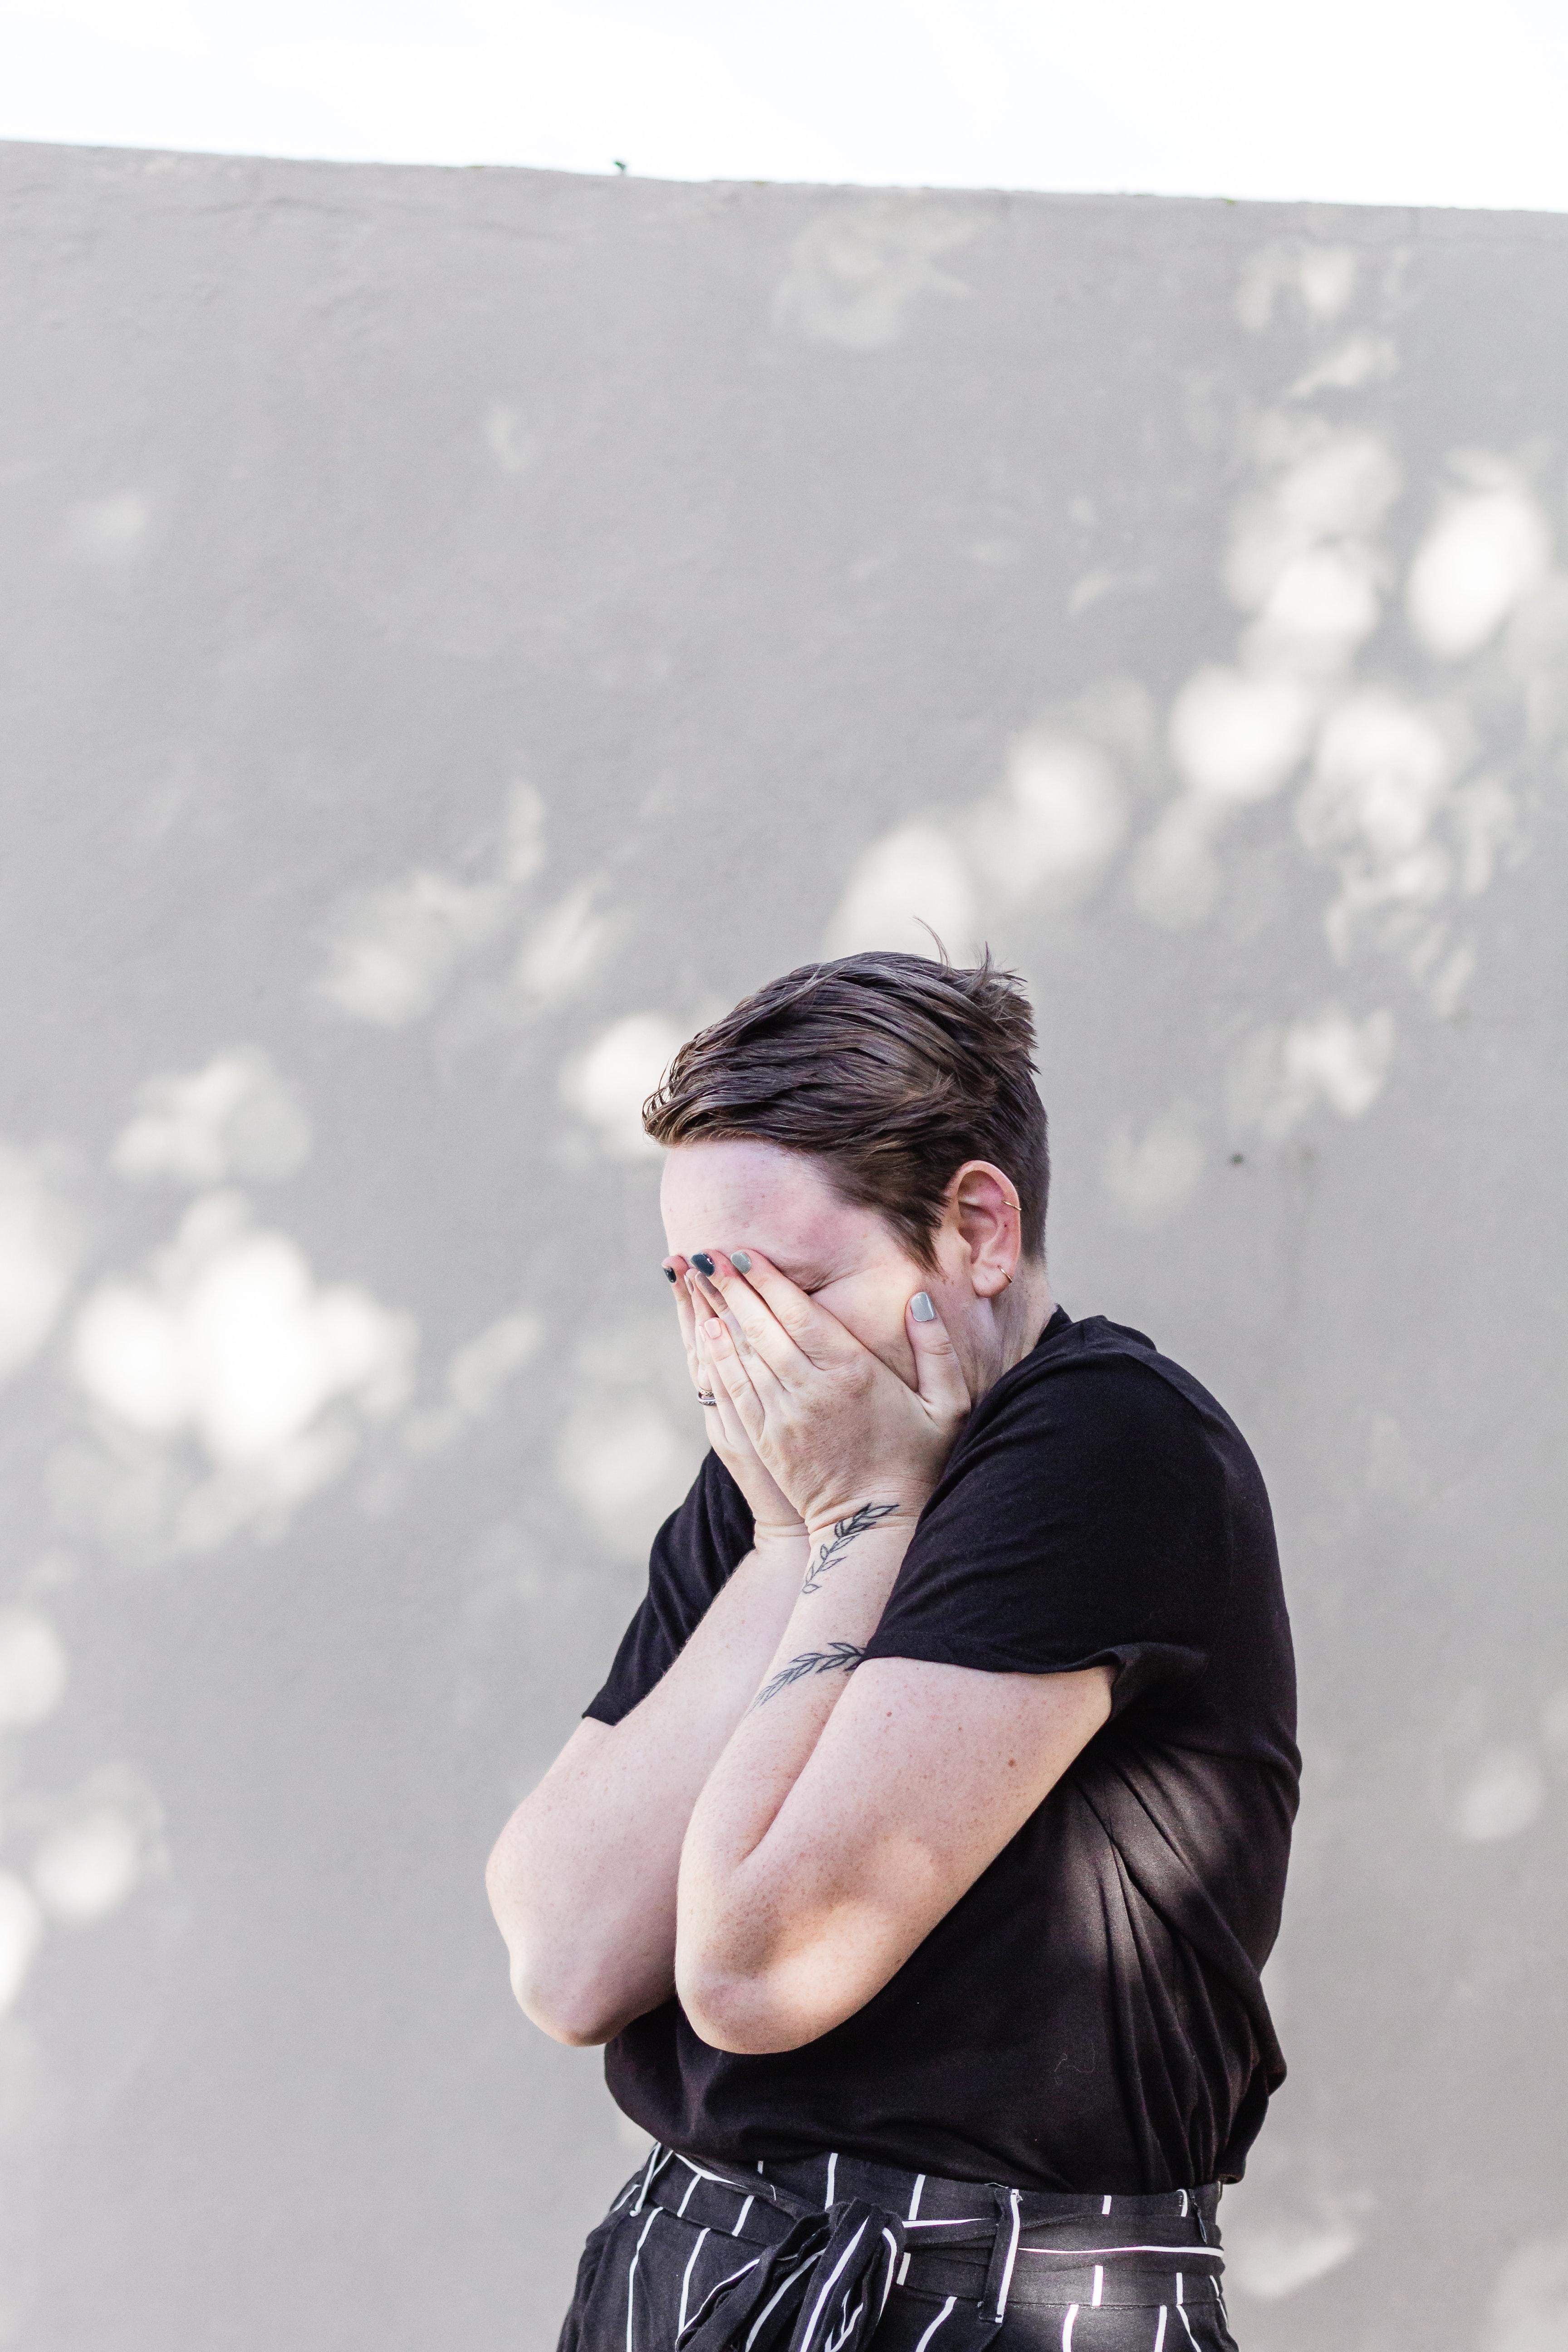 TPM: sintomas vão de tristeza profunda a dores no corpo (especialmente na lombar), enxaquecas, atrasos no ciclo, aumento ou diminuição do fluxo e crises de choro